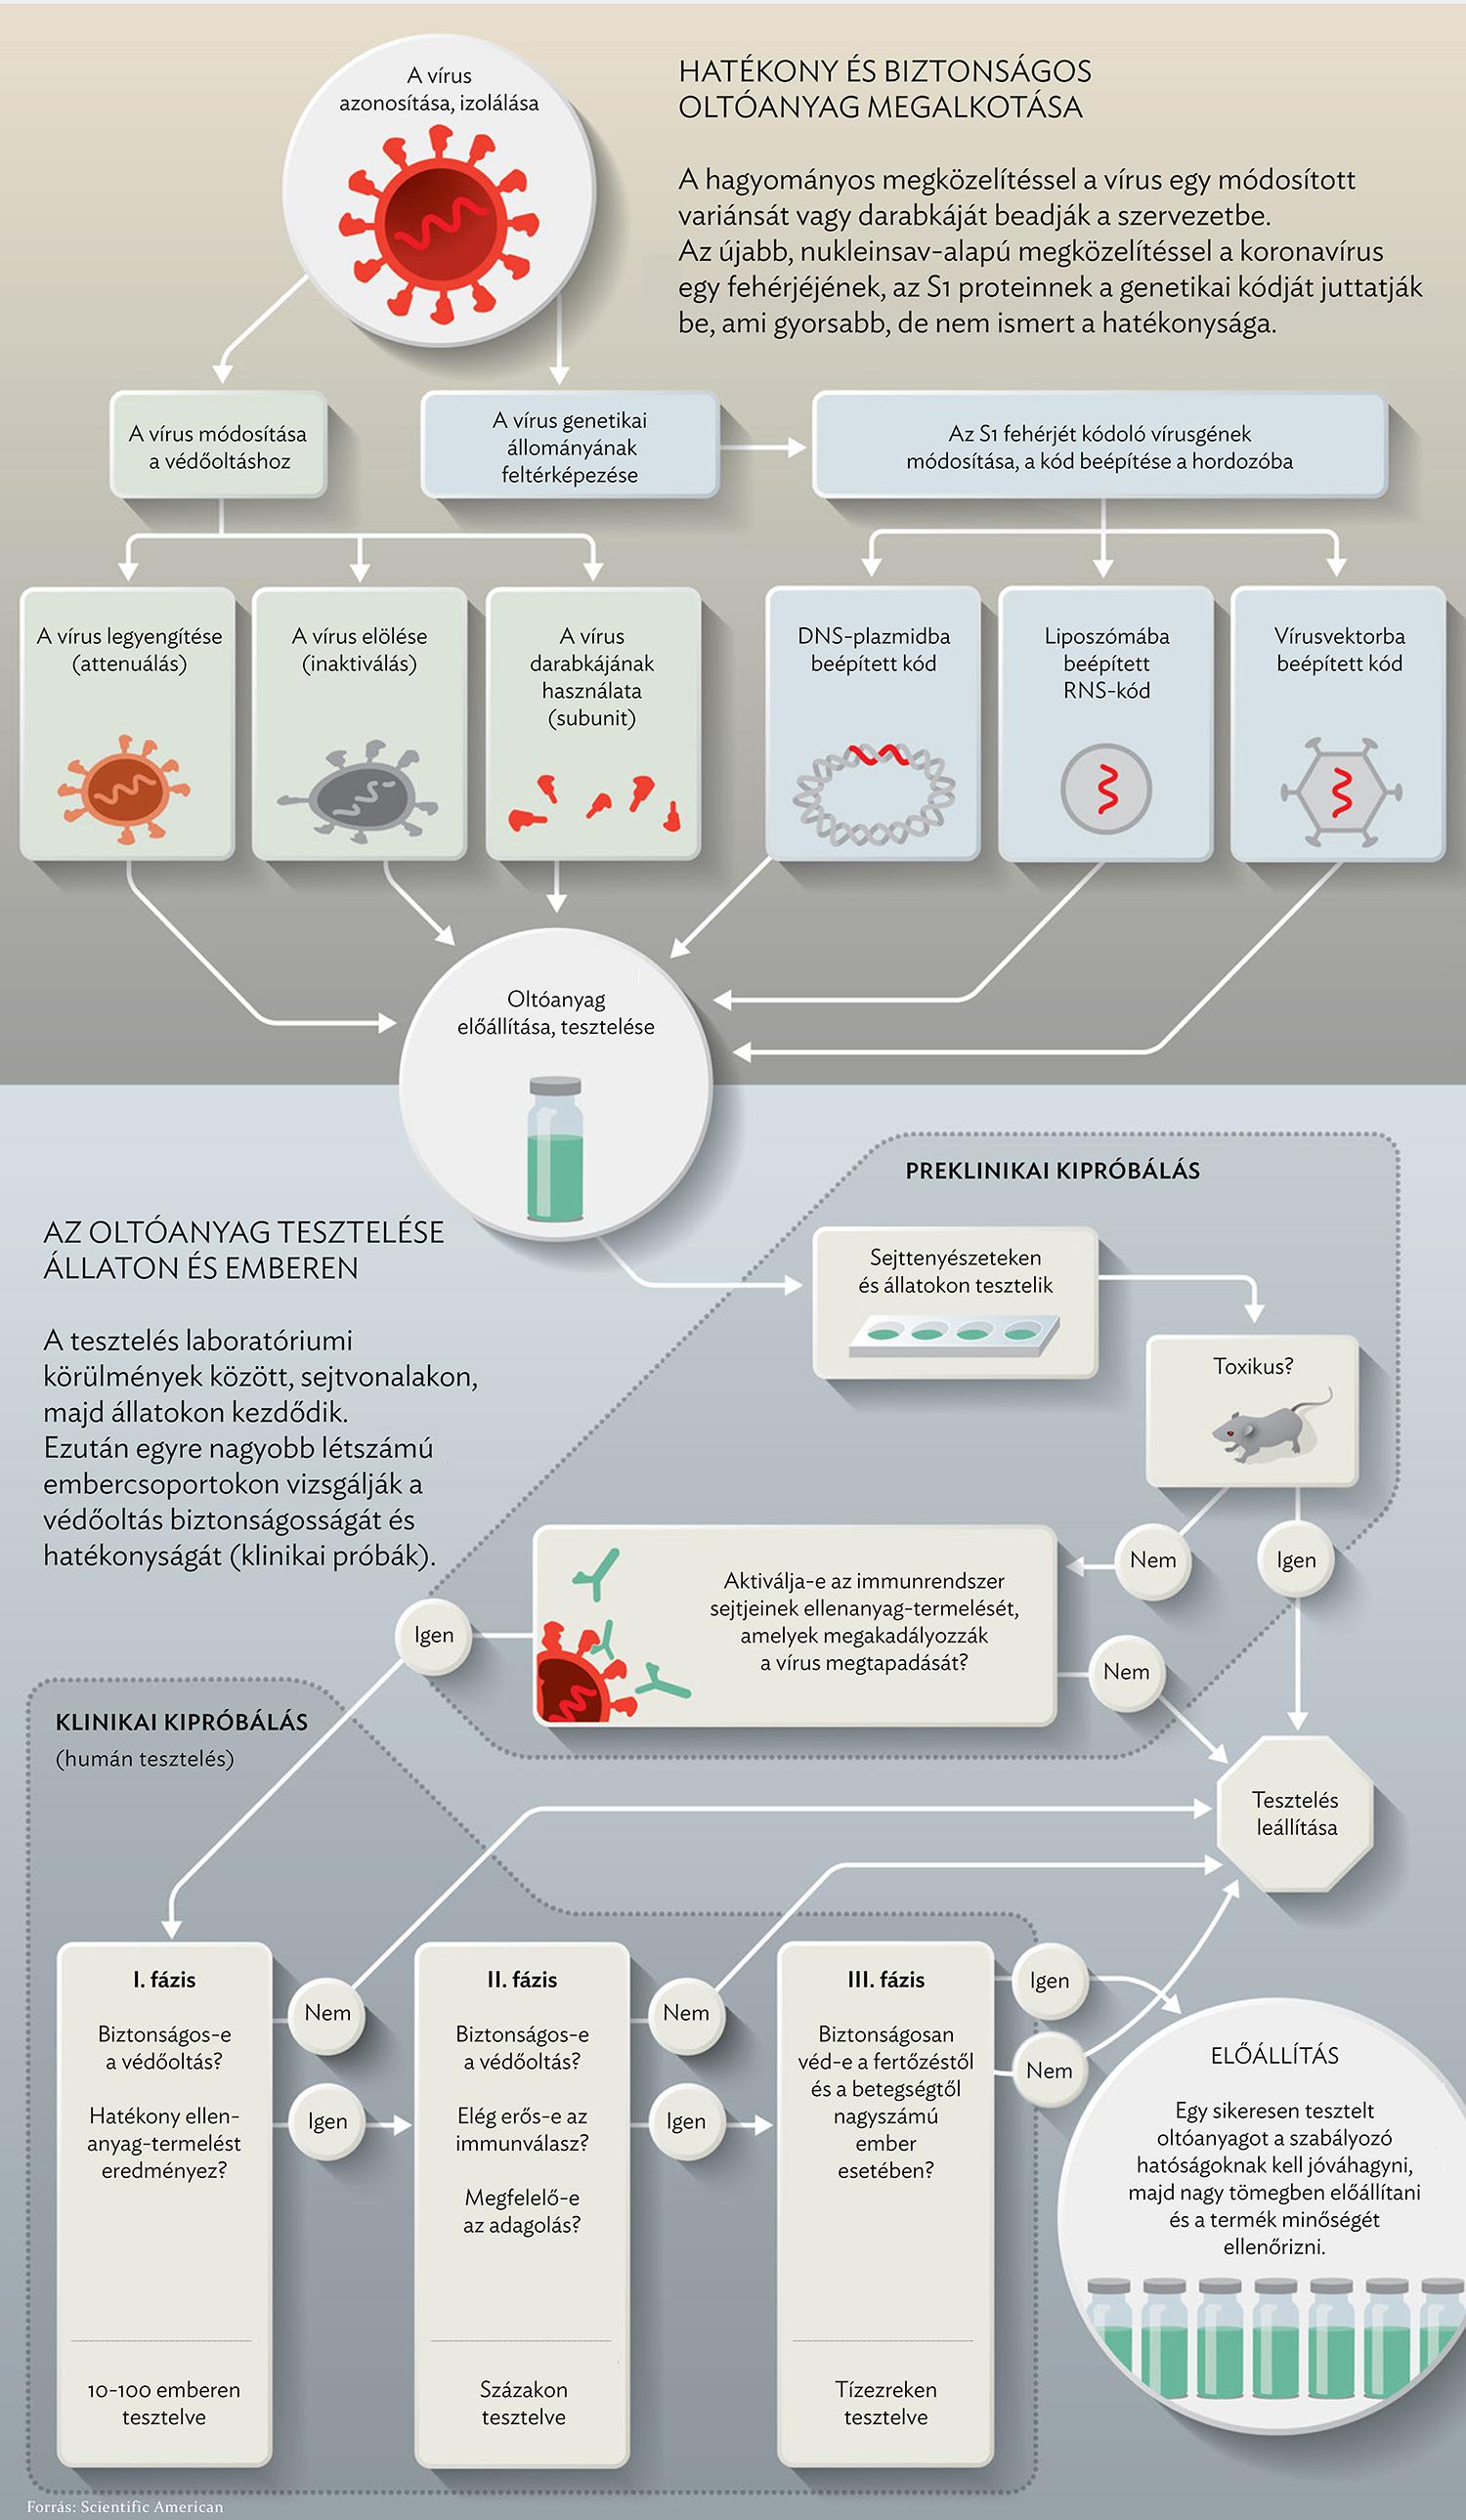 papilloma vírus elleni vakcina, aki képes rá